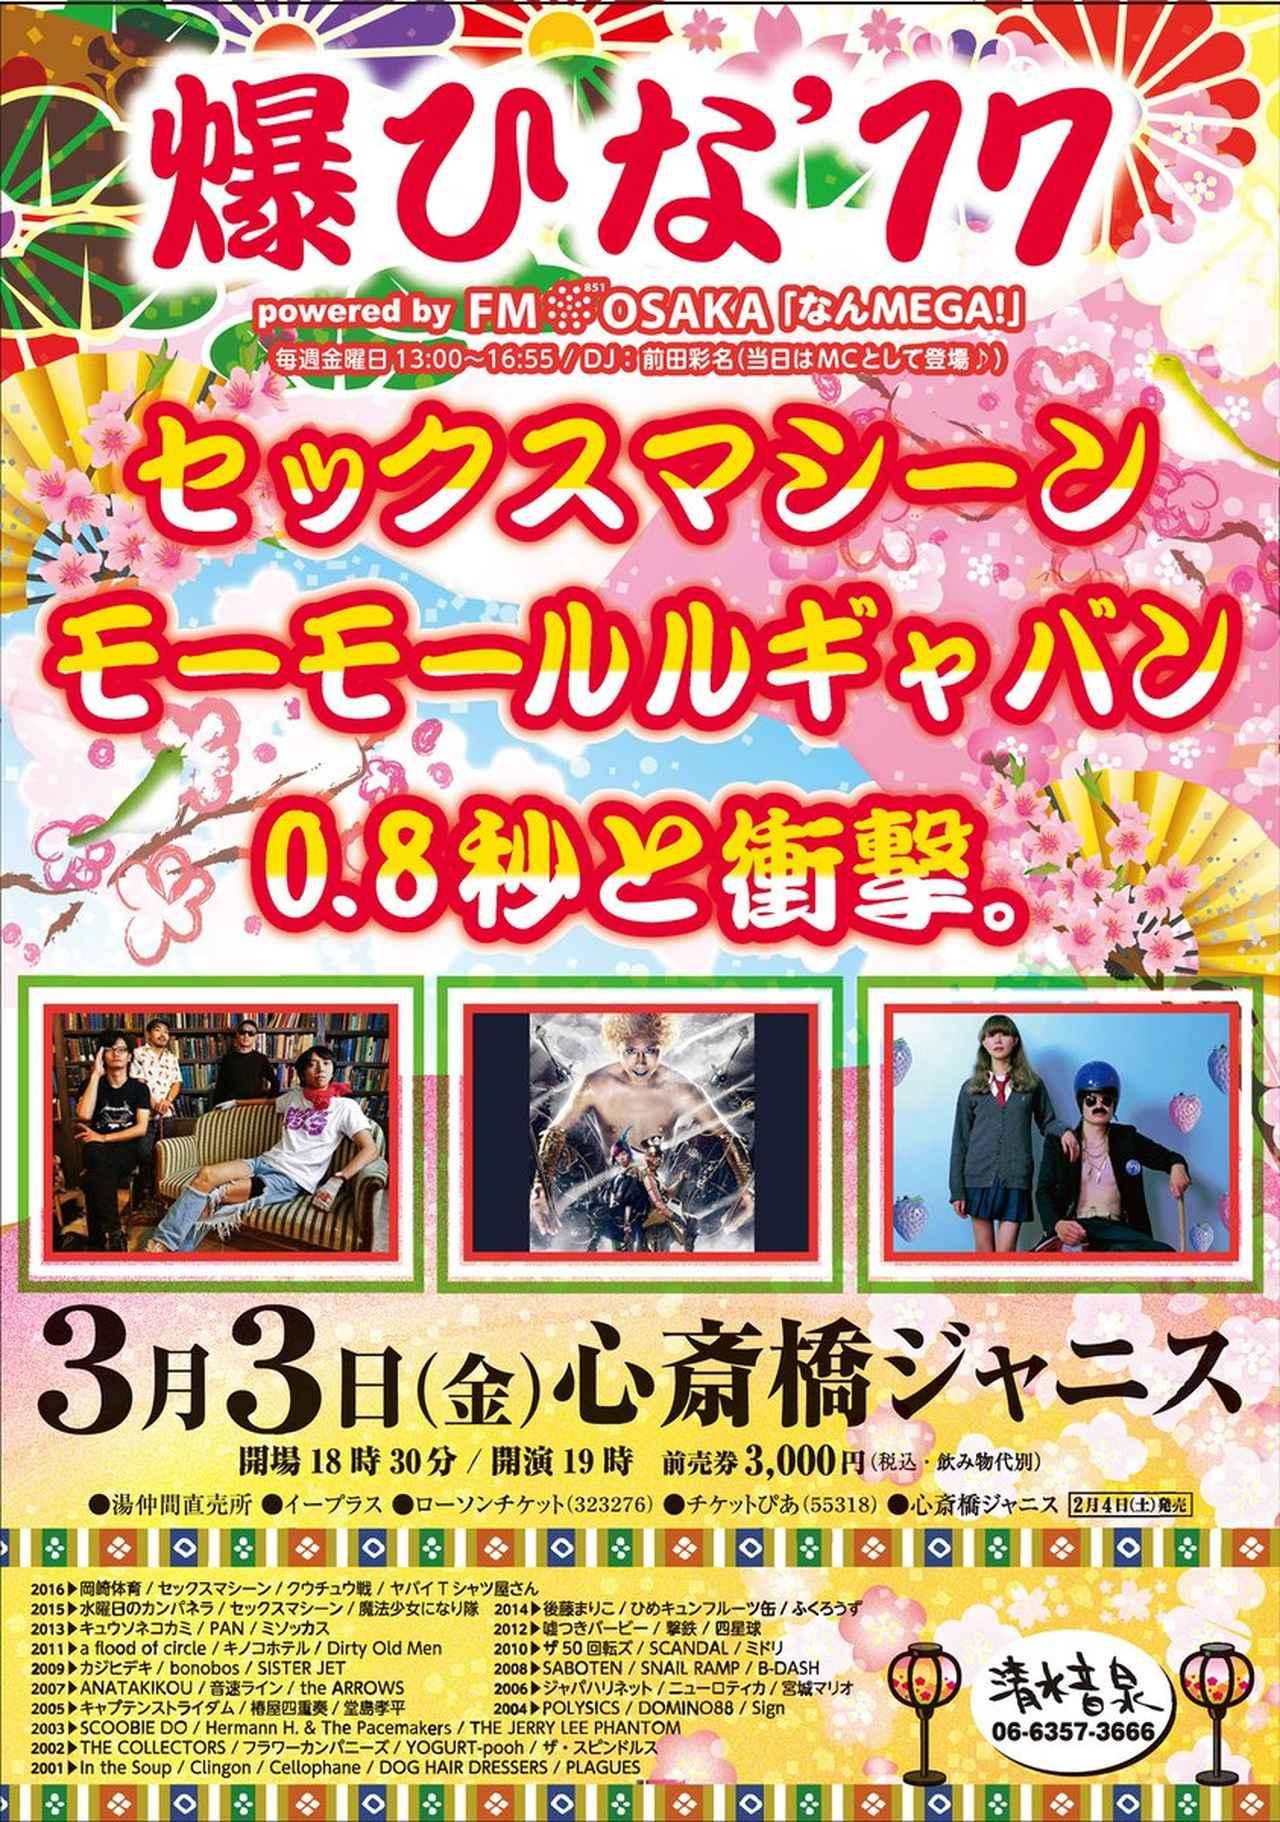 画像: 「爆ひな'17 powered by FM OSAKA 「なんMEGA!」」